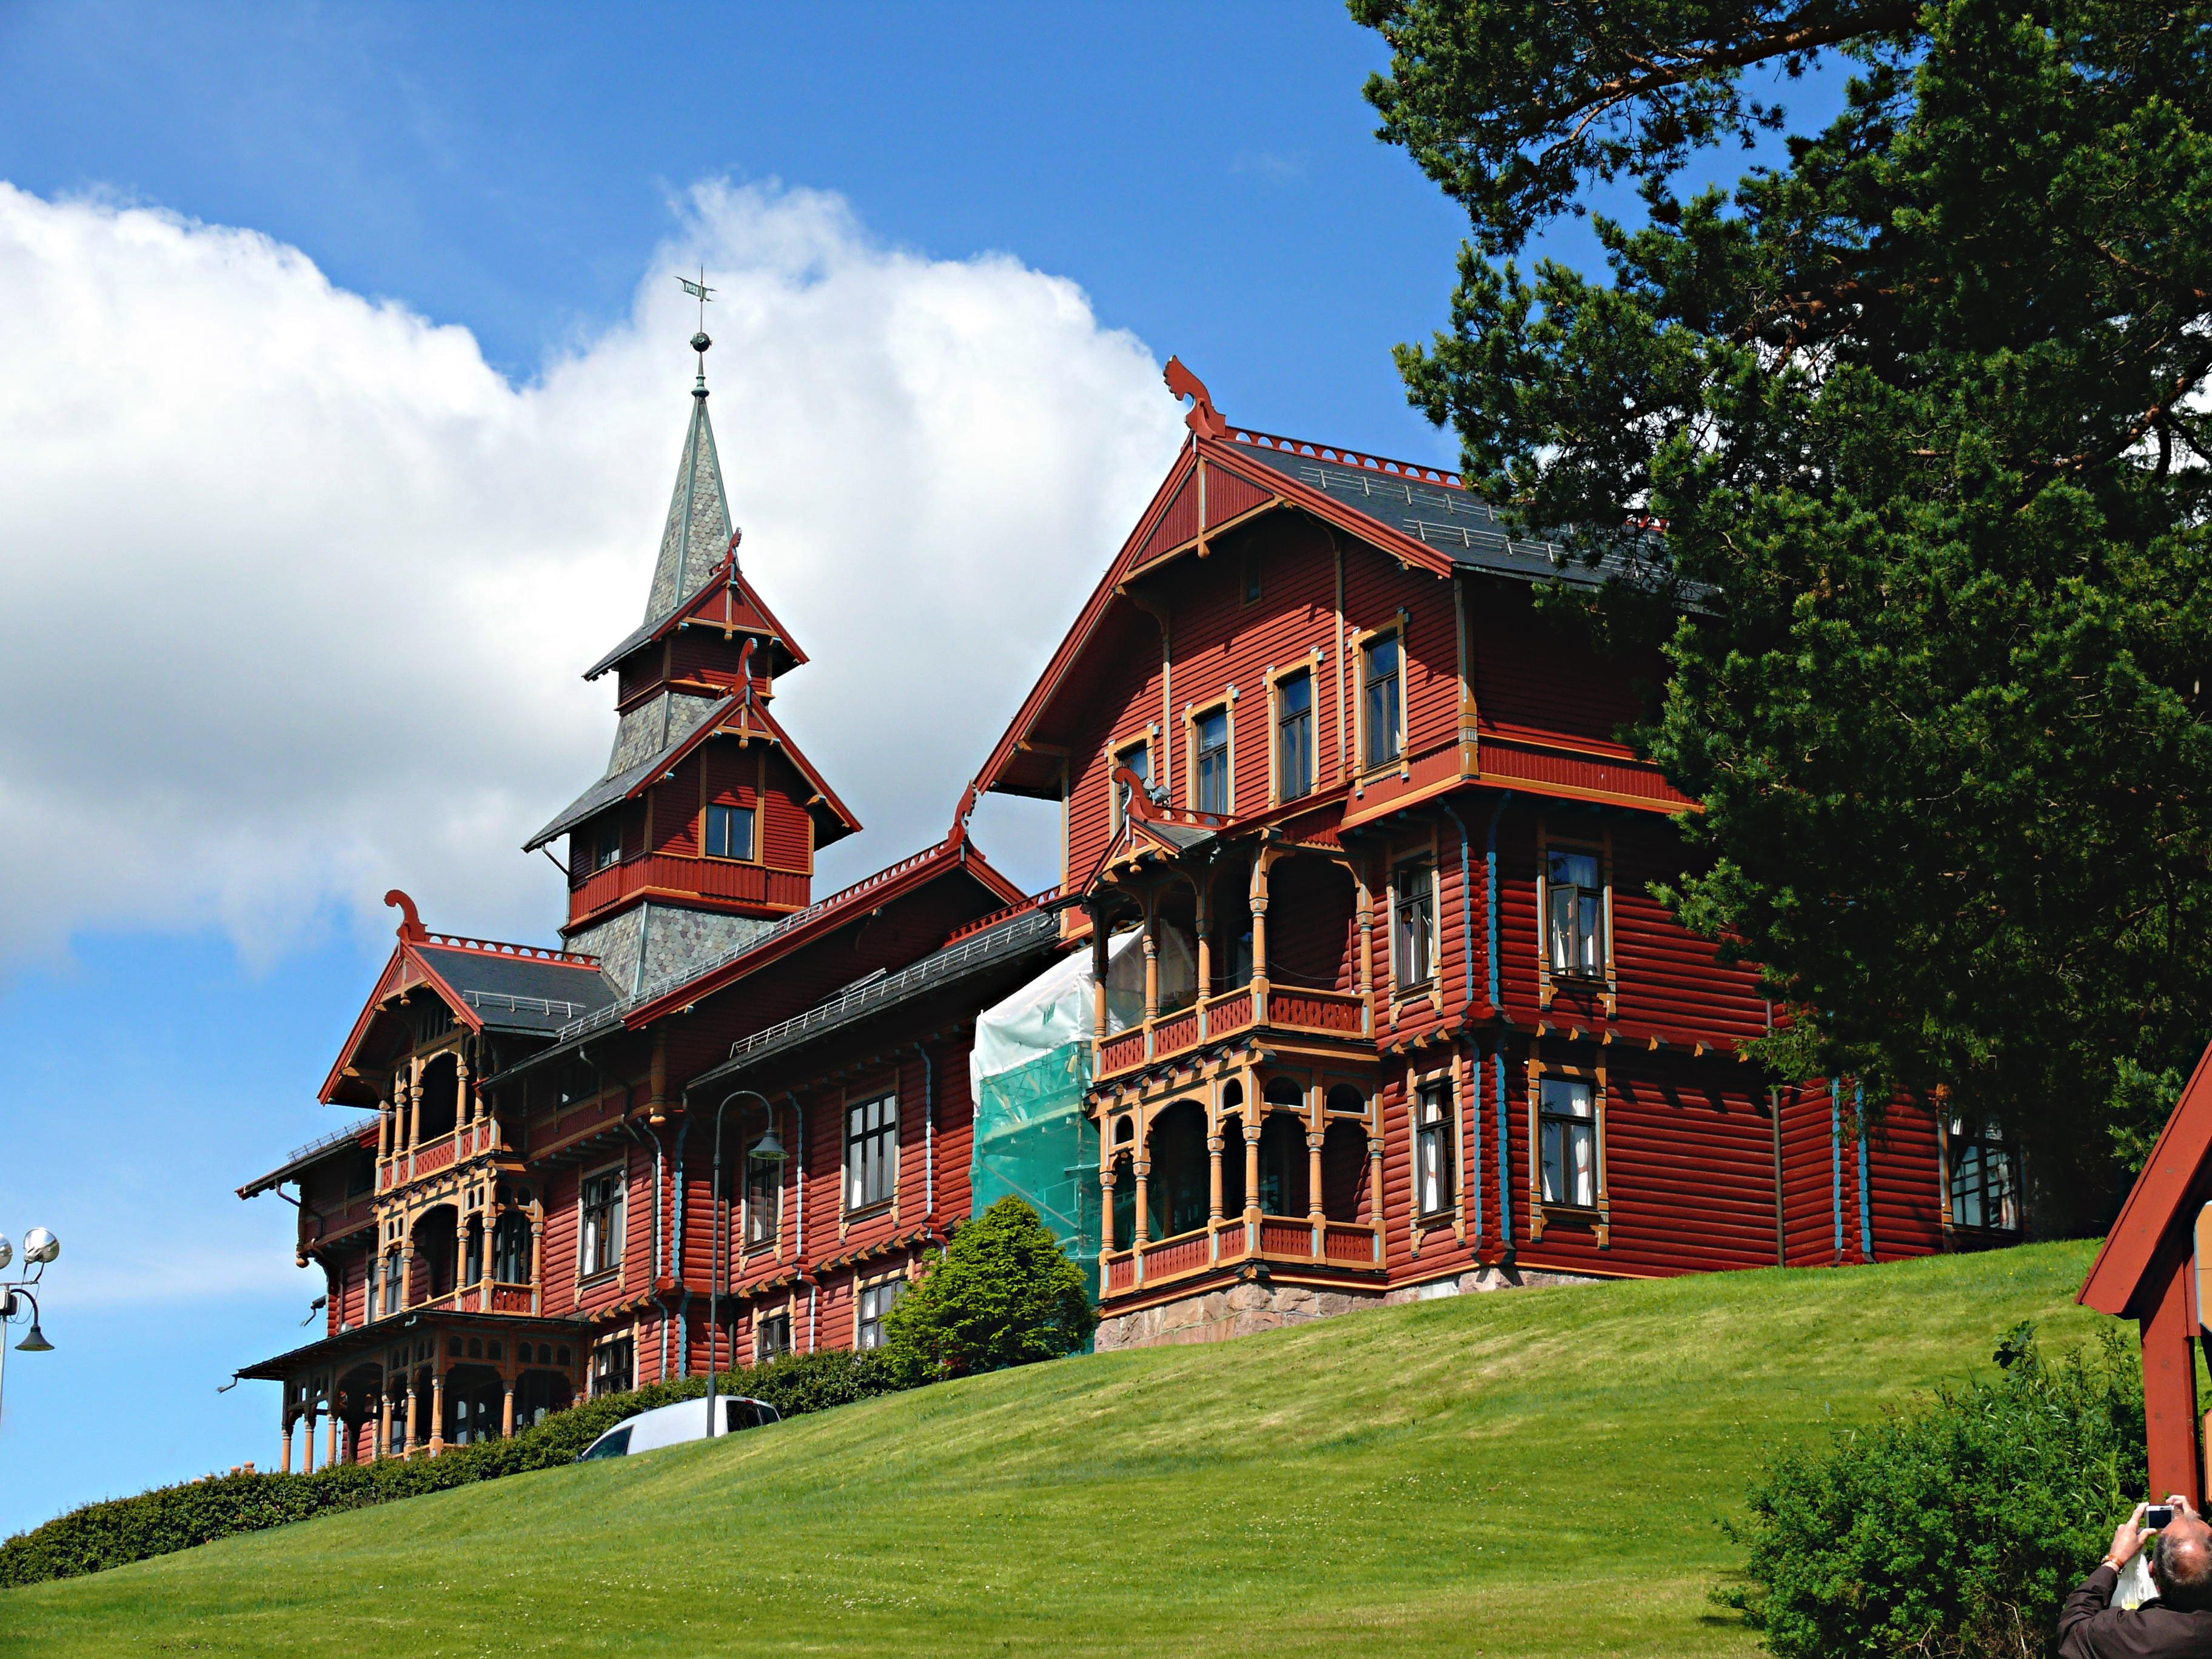 File:Holmenkollen Park Hotel Rica.jpg - Wikimedia Commons